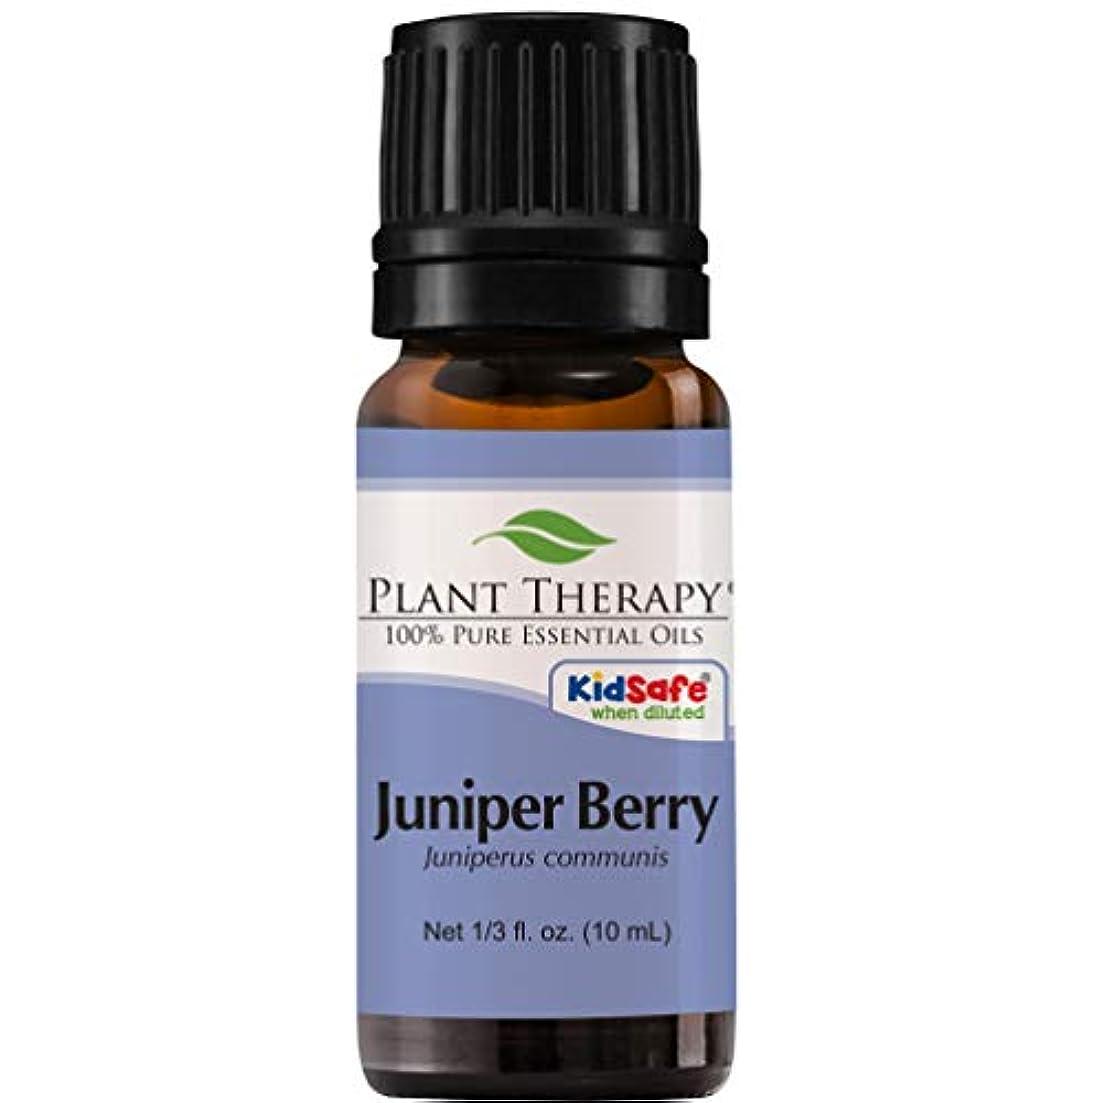 トリクルはい数学者Plant Therapy Juniper Berry Essential Oil. 100% Pure, Undiluted, Therapeutic Grade. 10 ml (1/3 oz).